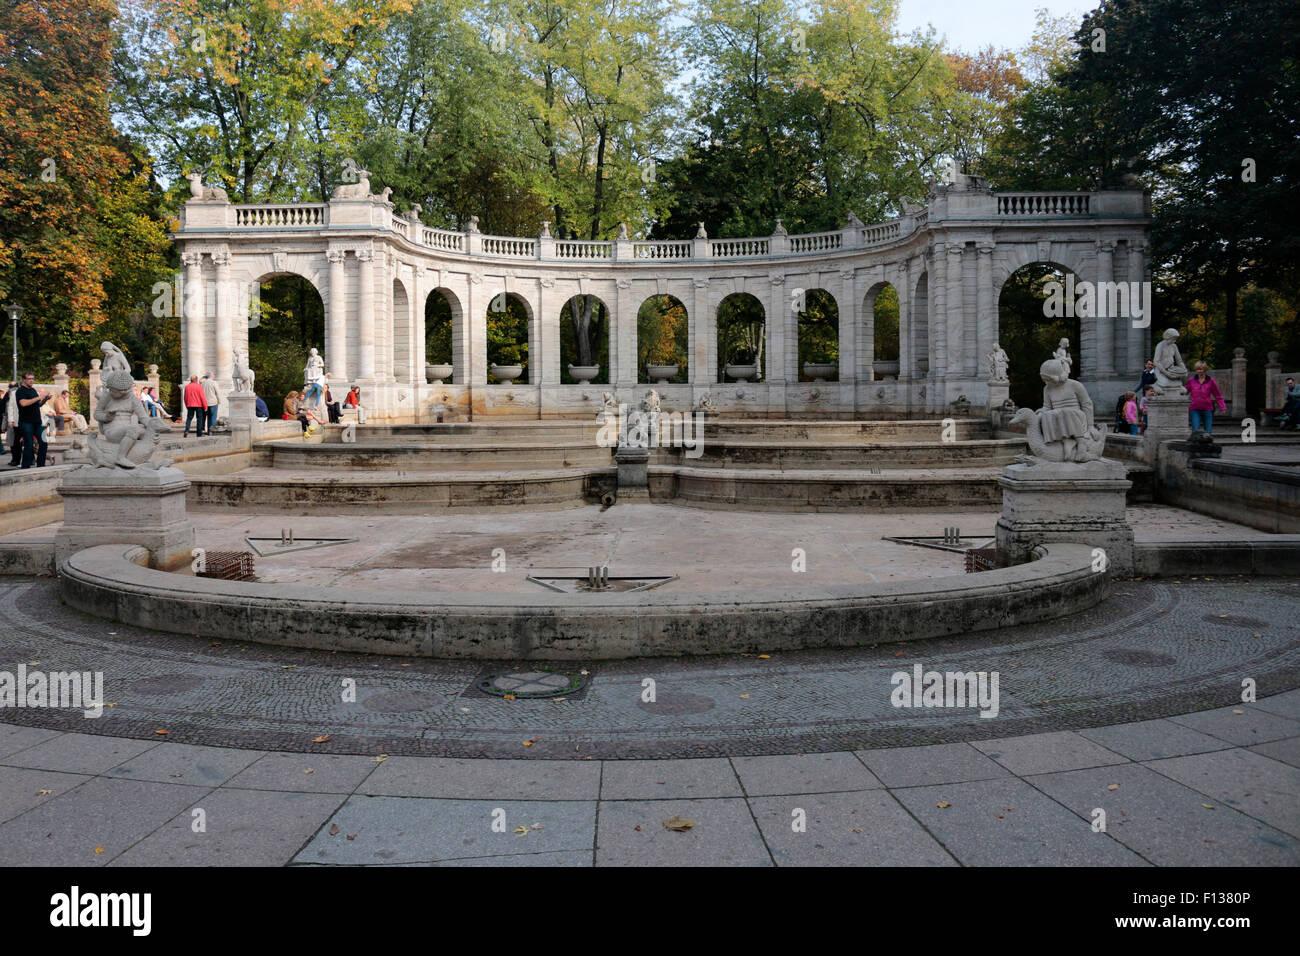 Maerchenbrunnen, Volkspark Friedrichshain, Berlin-Prenzlauer Berg. - Stock Image